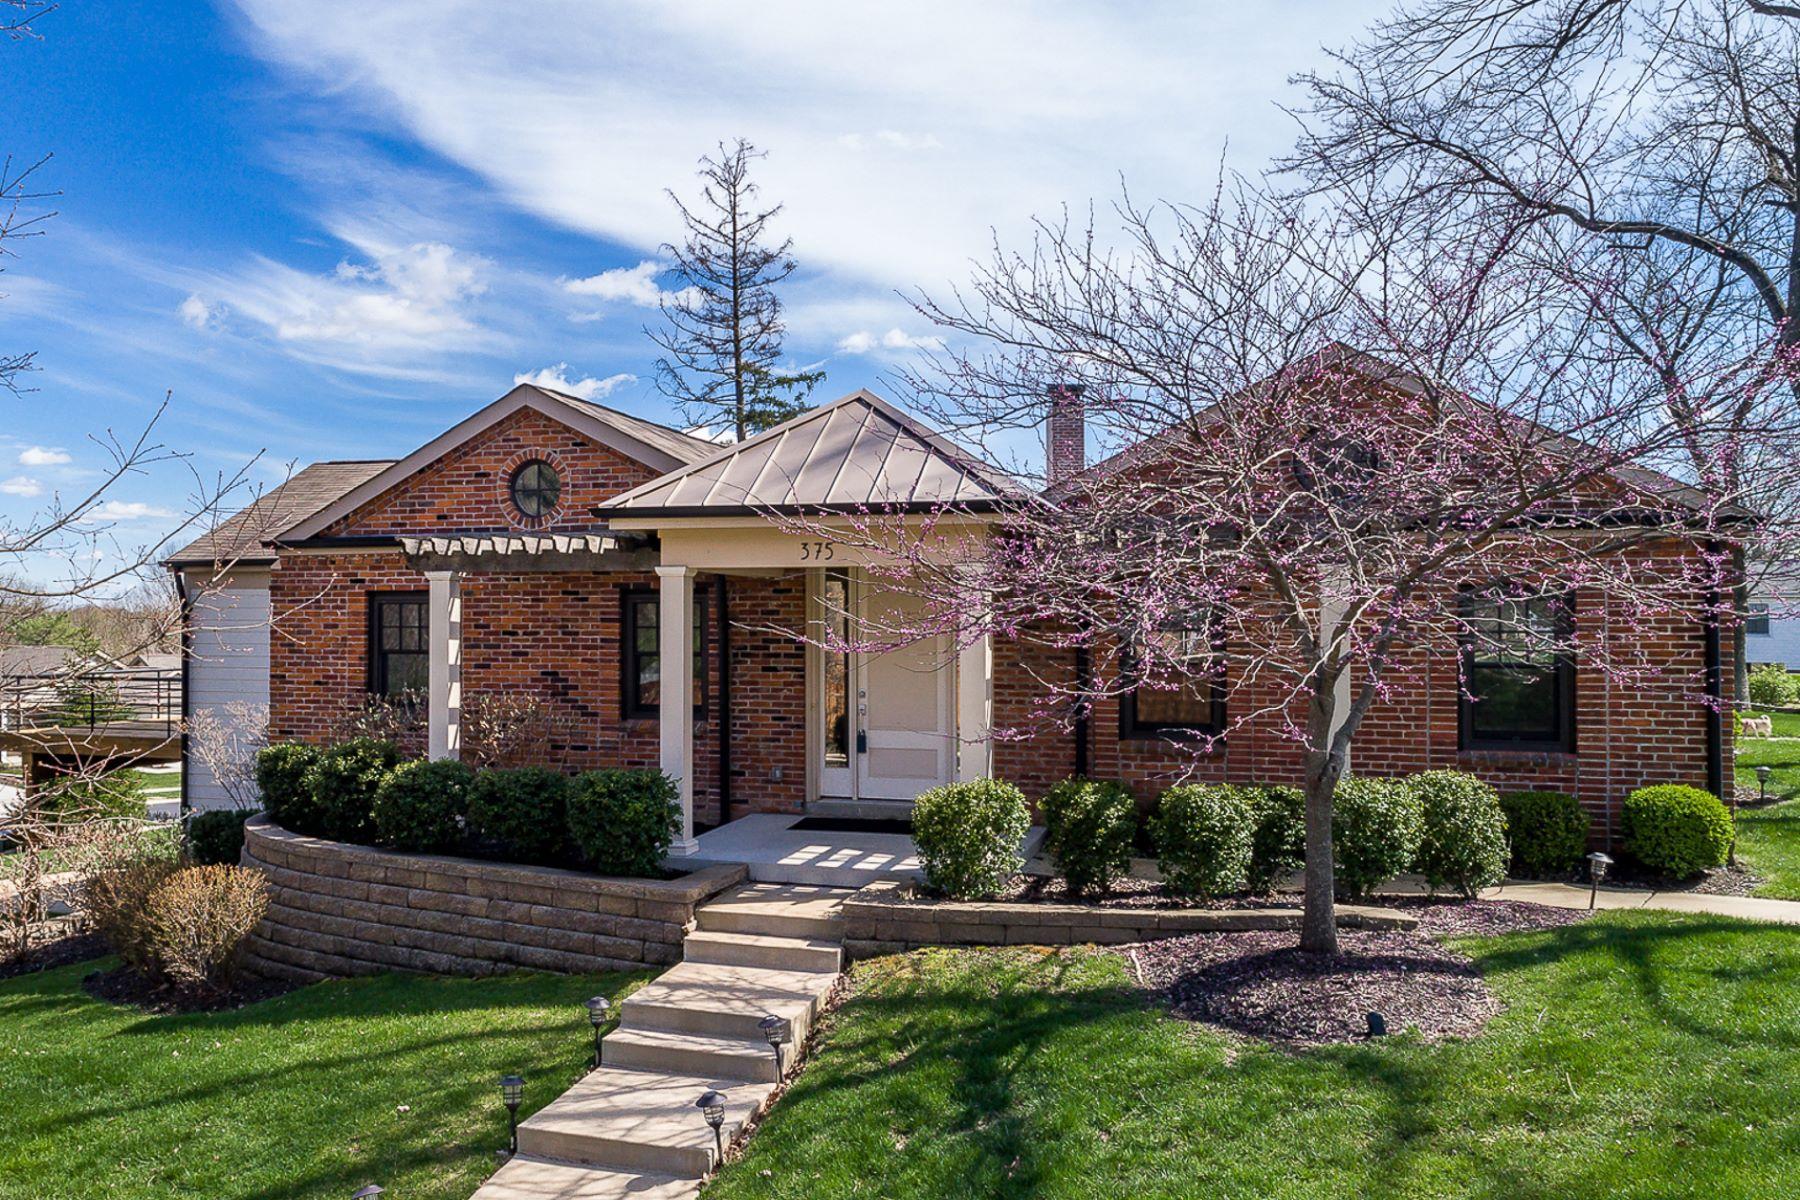 واحد منزل الأسرة للـ Sale في Champion Way Drive 375 Champion Way Drive Ballwin, Missouri, 63011 United States